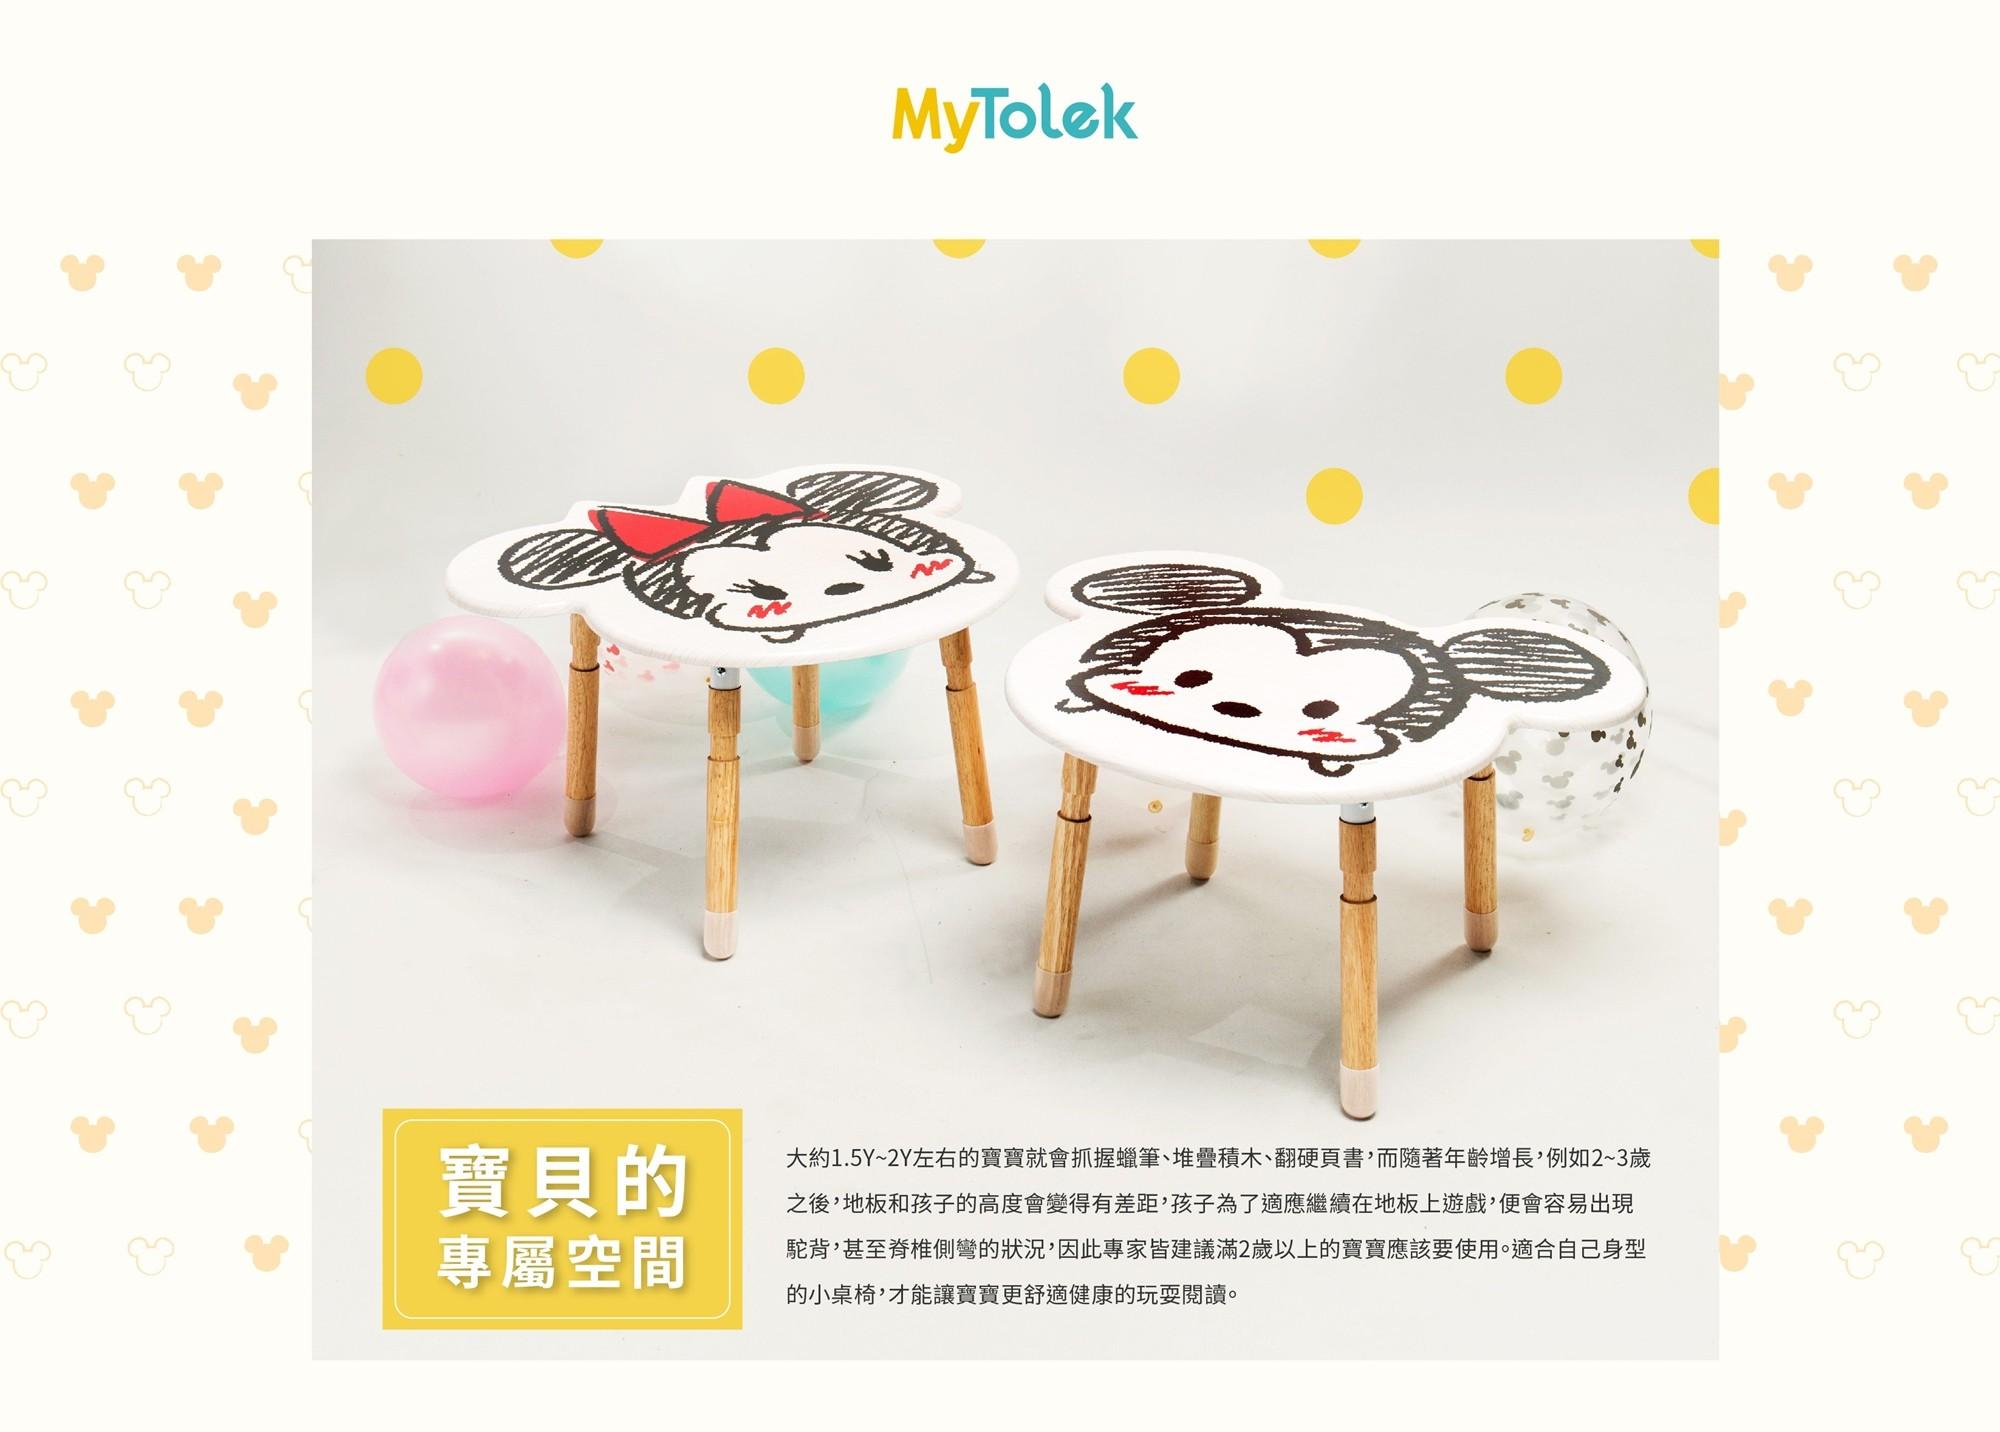 好评加开团购中《MyTolek童乐可‧收纳柜》我家就是儿童游戏室×超强收纳耐用又有设计感 - yukiblog.tw